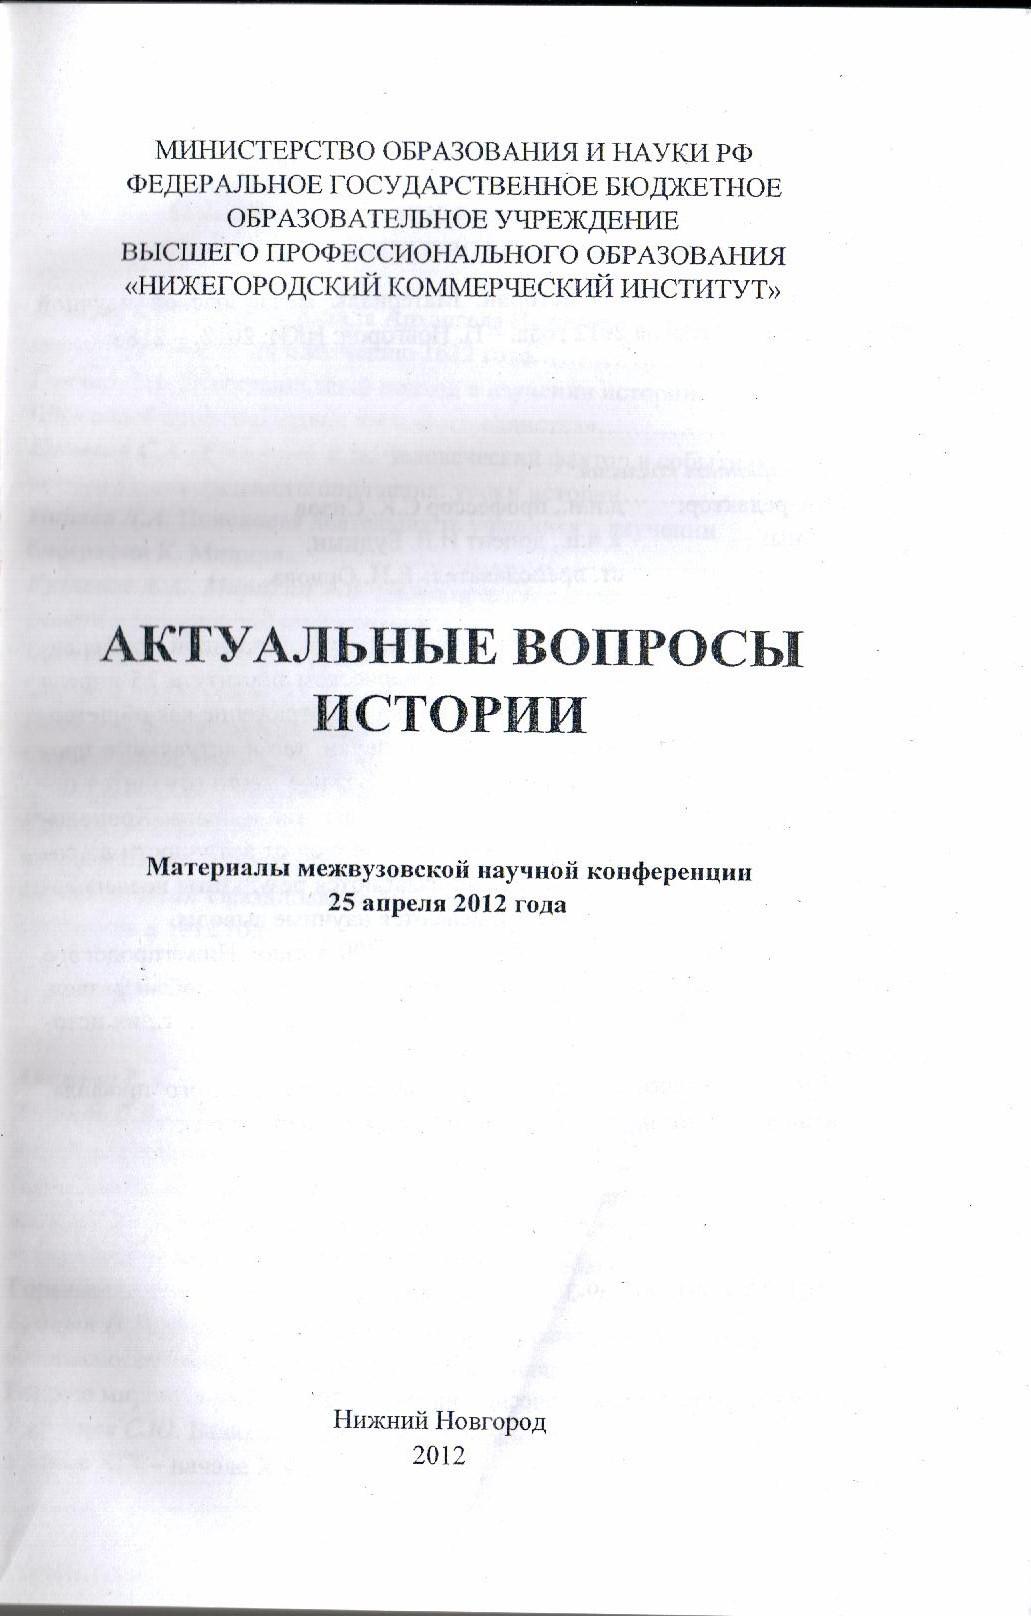 Актуальные вопросы истории. Материалы межвузовской научной конференции 25 апреля 2012 года